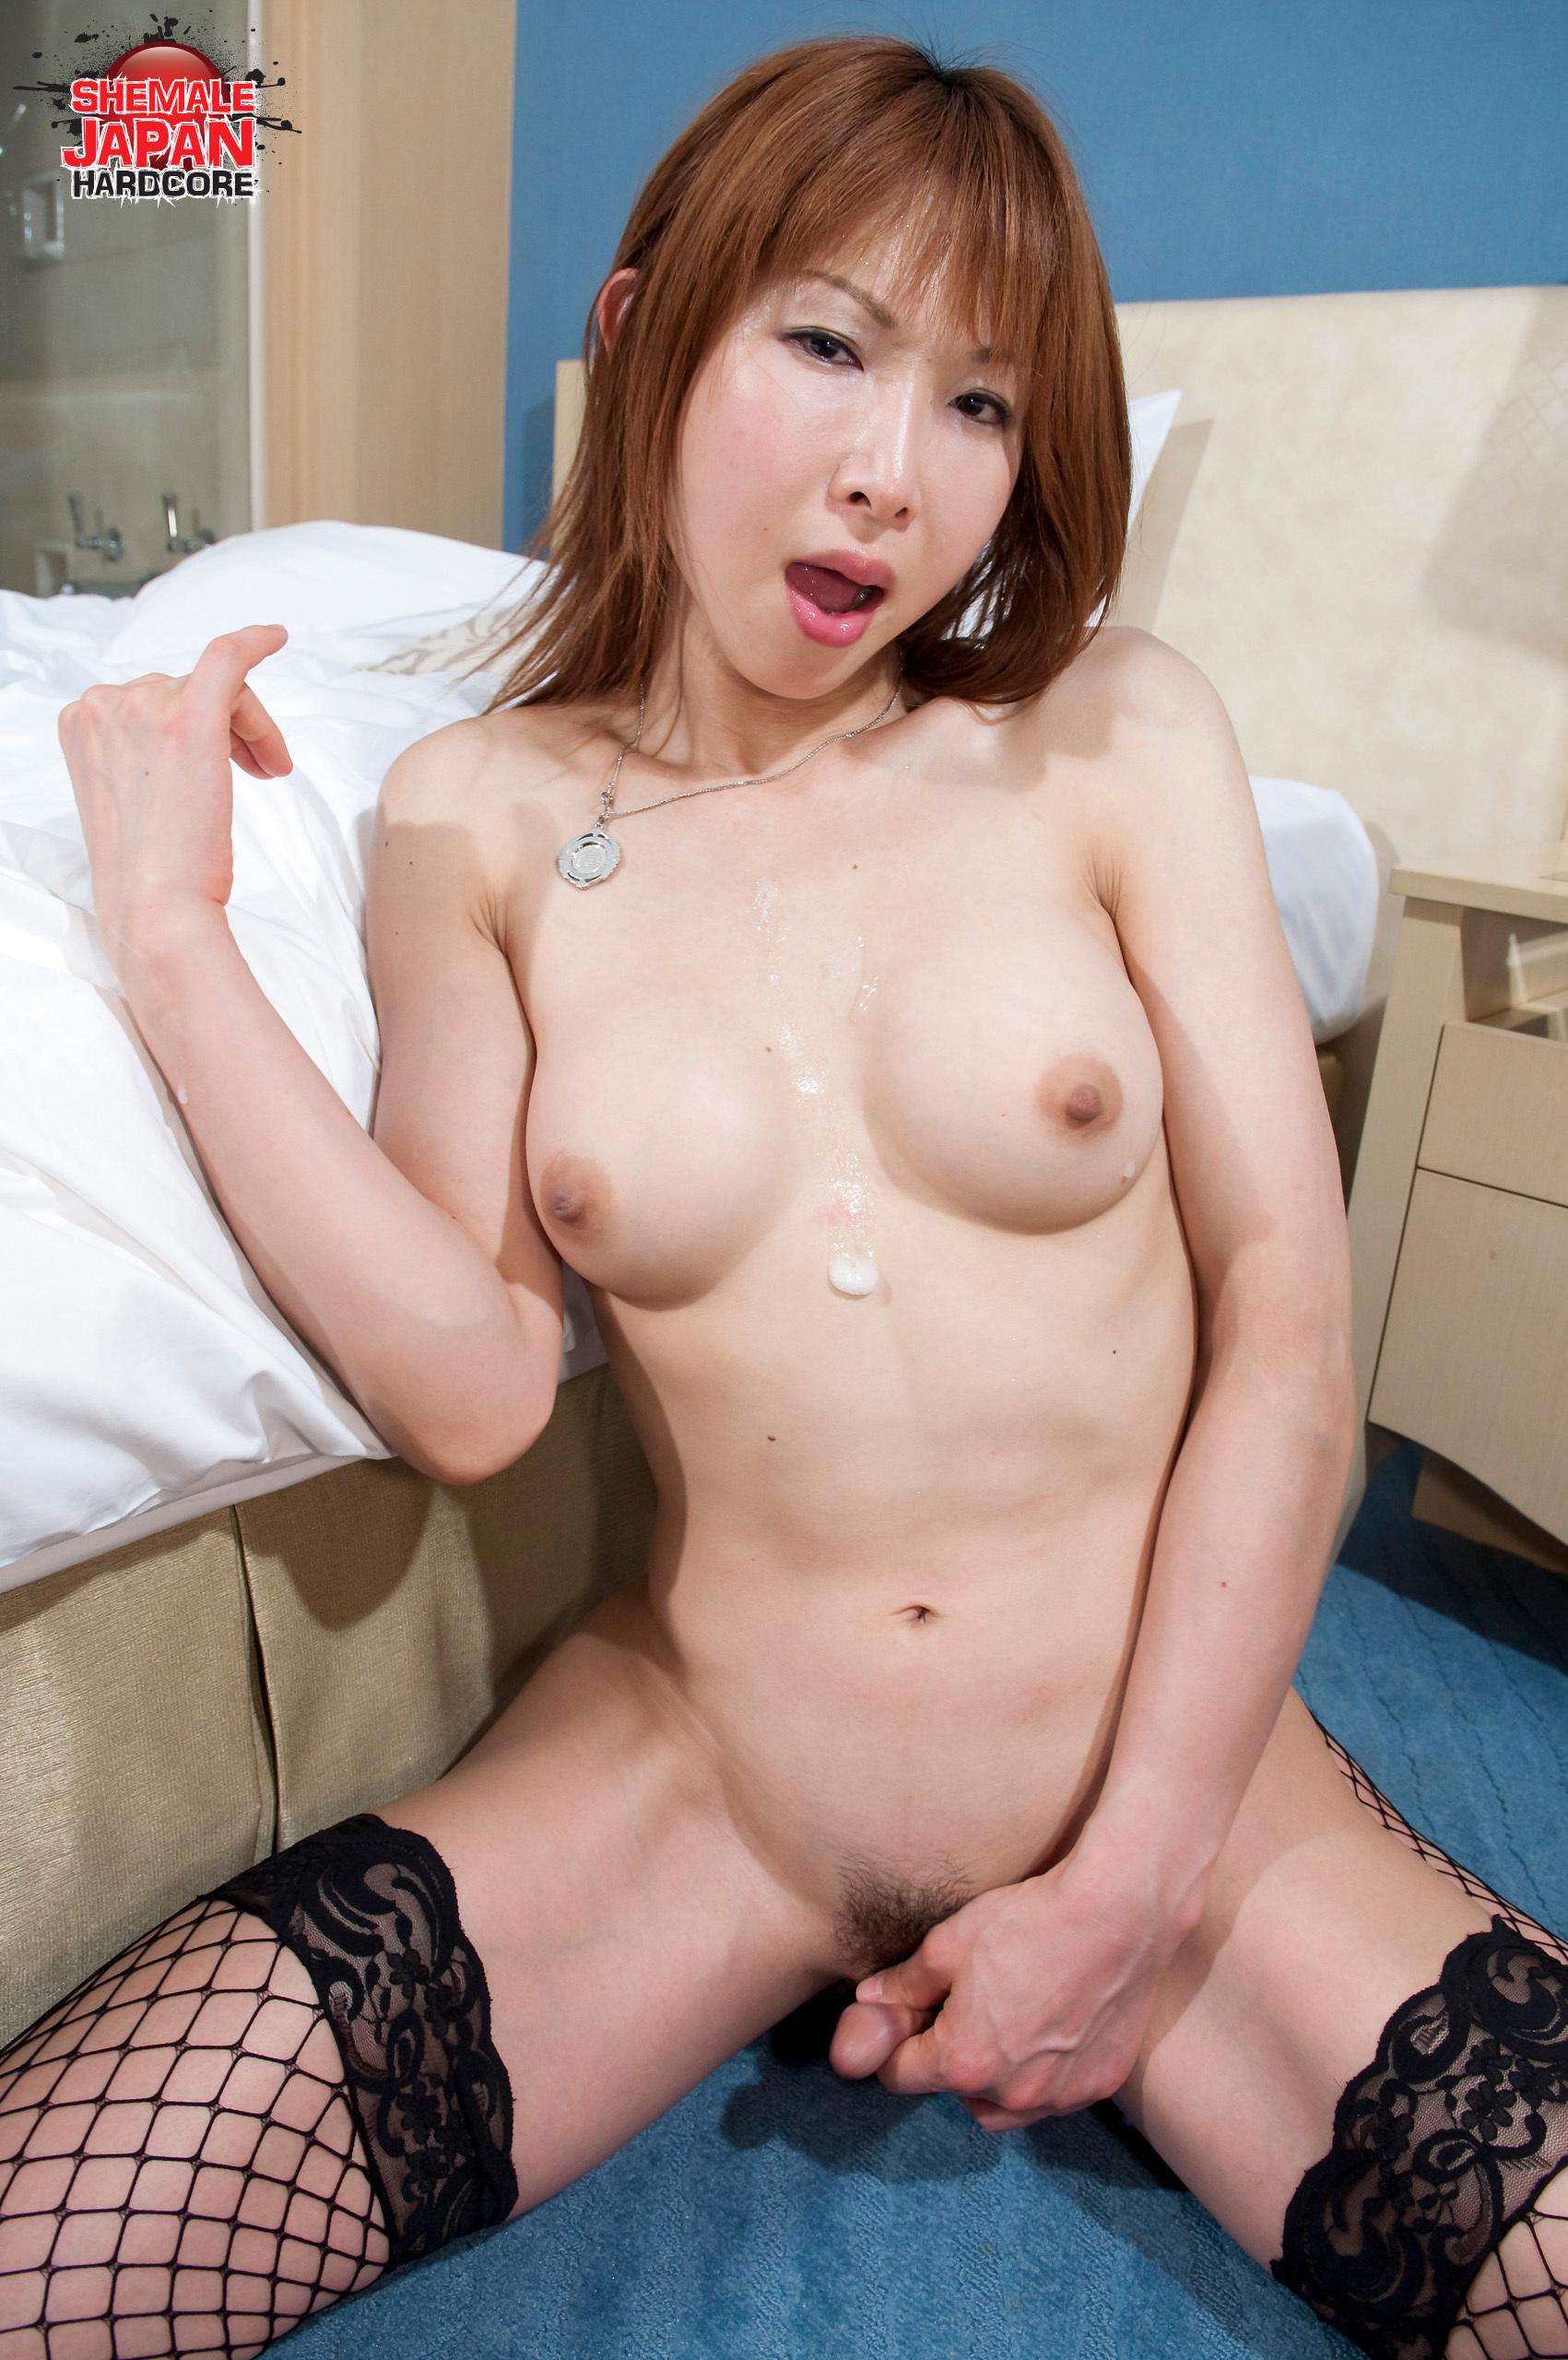 miki mizuasa desires raw fucking ladyboy shemale femboy